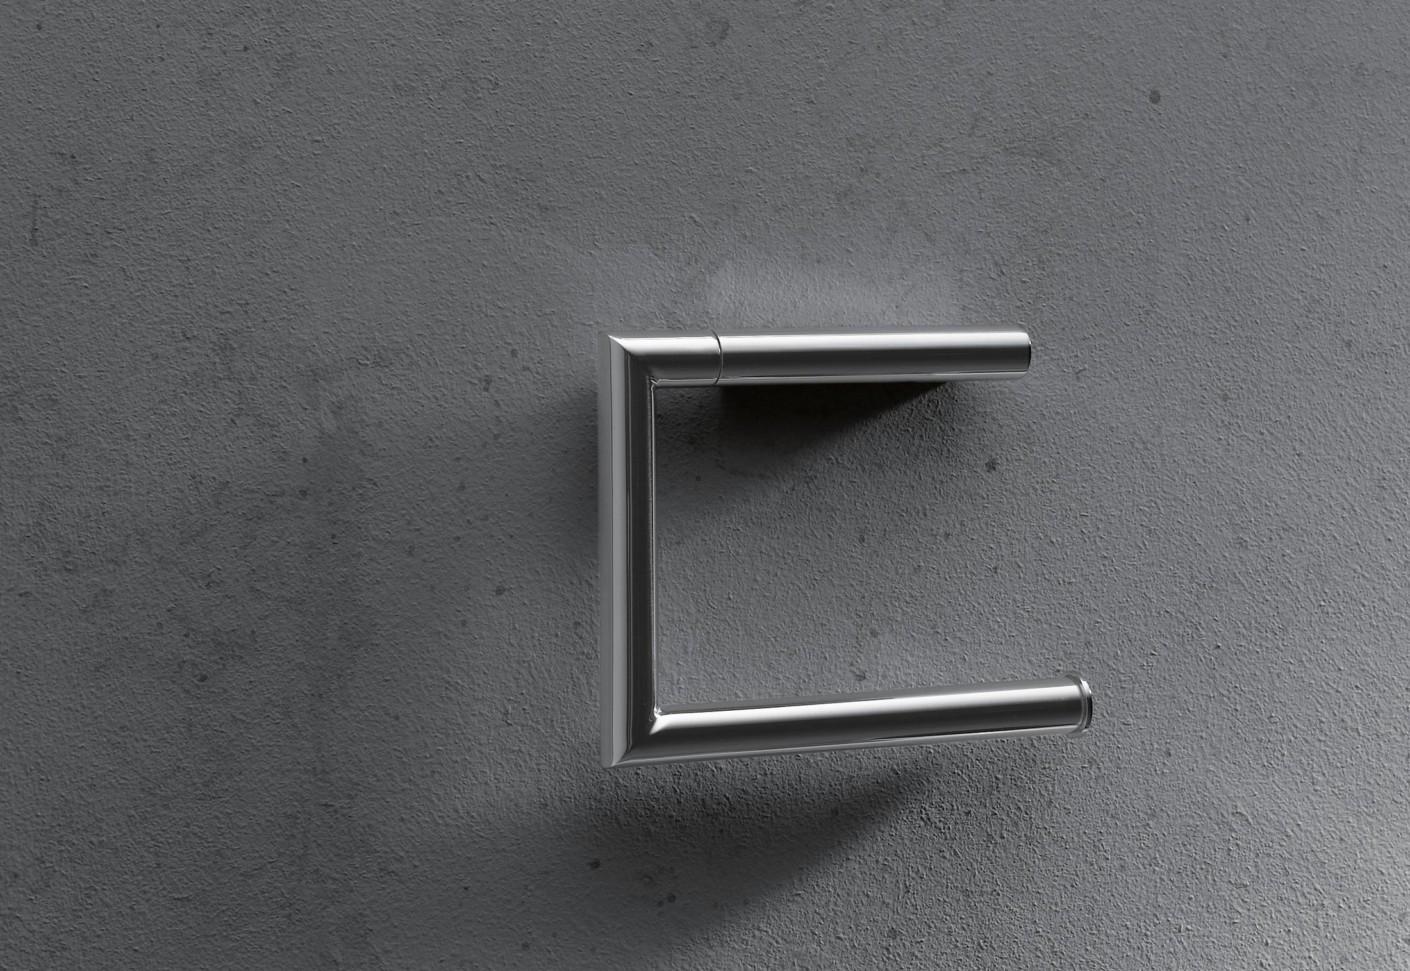 wc papierhalter system 162 von hewi stylepark. Black Bedroom Furniture Sets. Home Design Ideas